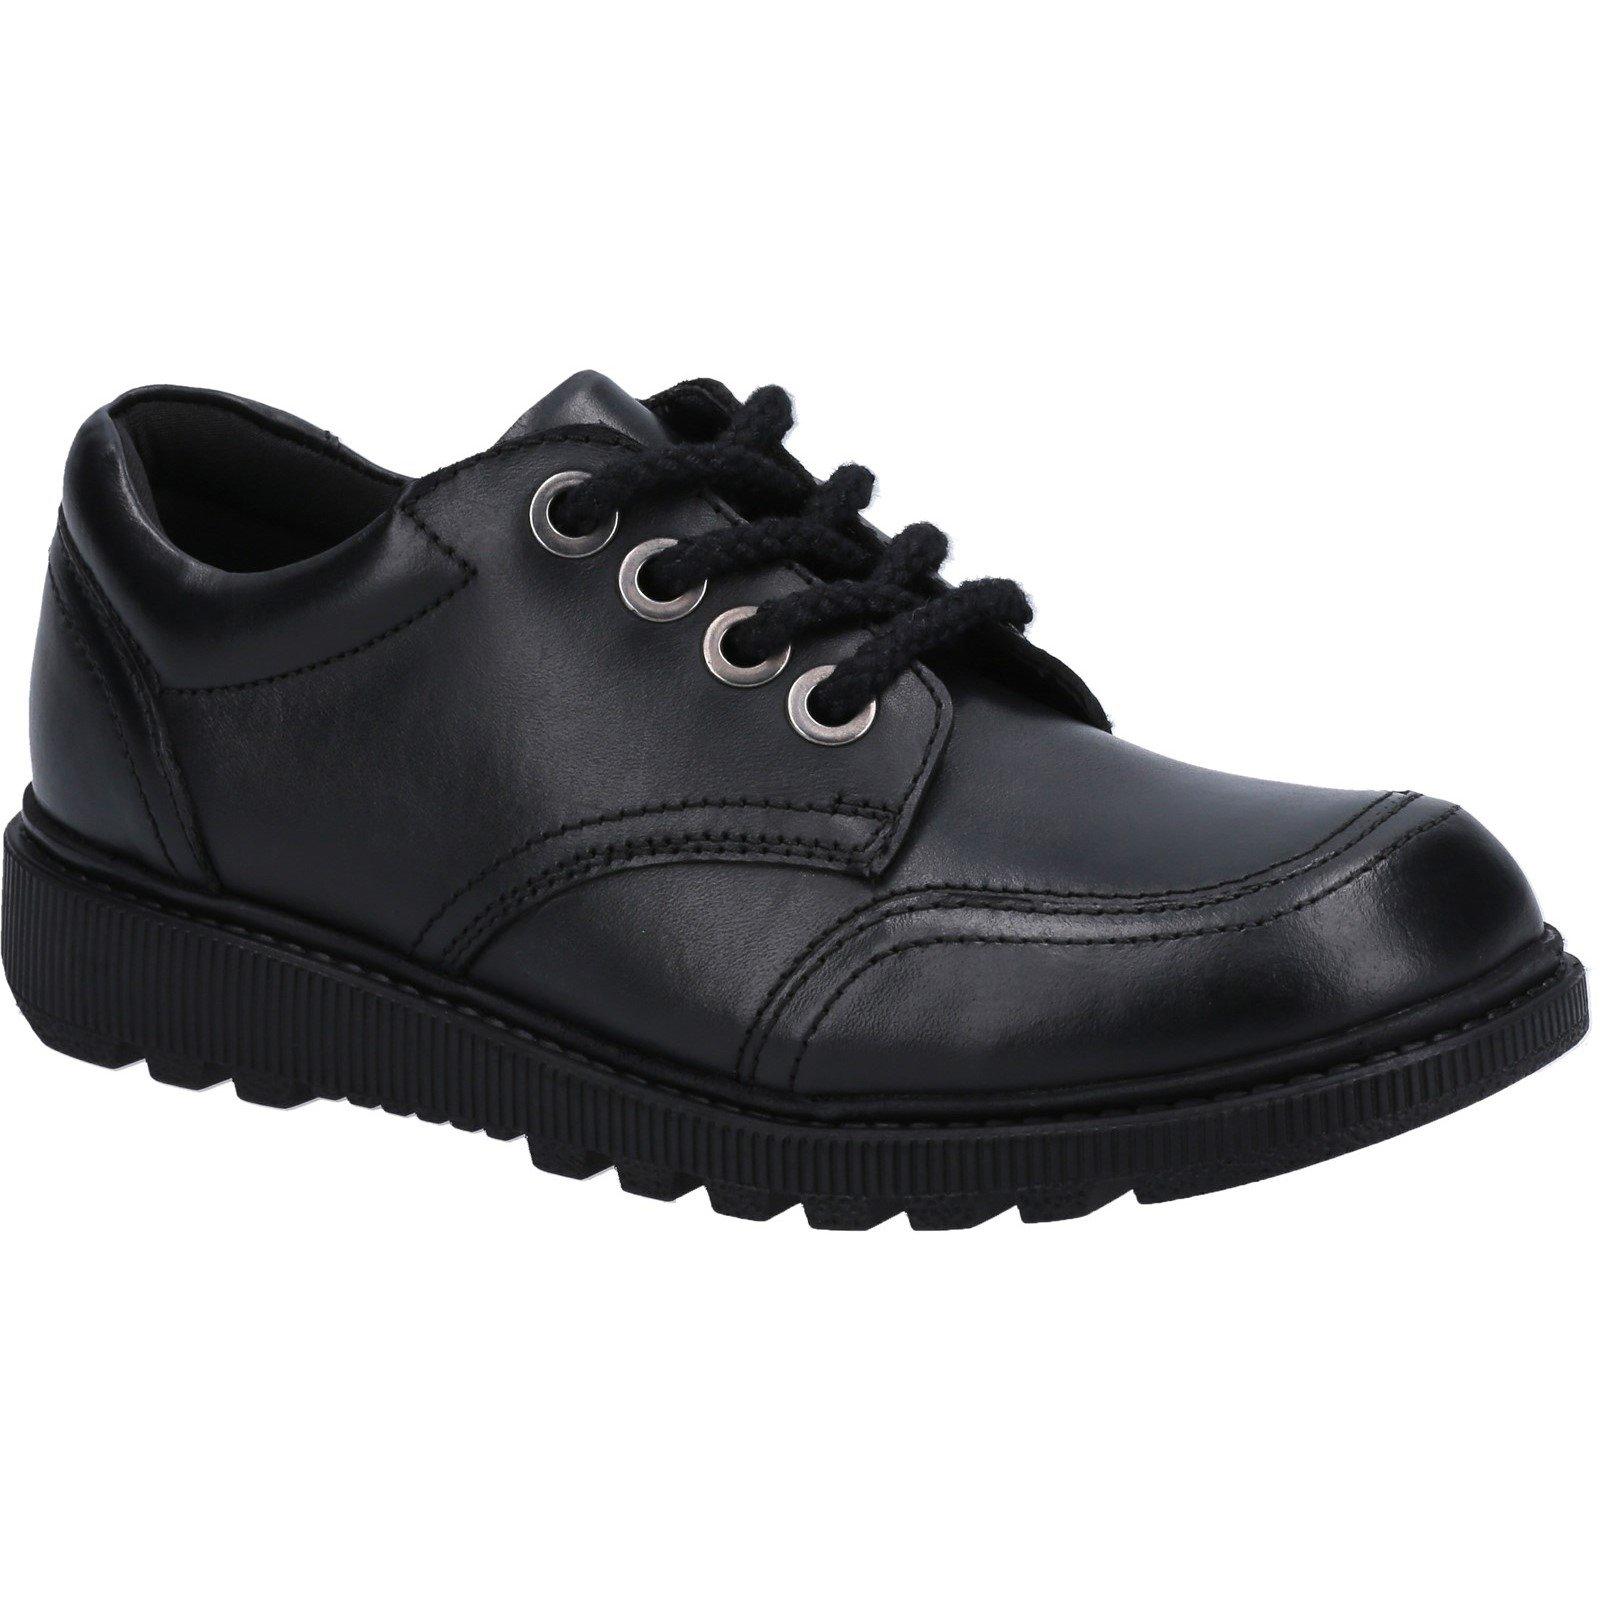 Hush Puppies Kid's Kiera Junior School Shoe Black 30821 - Black 12